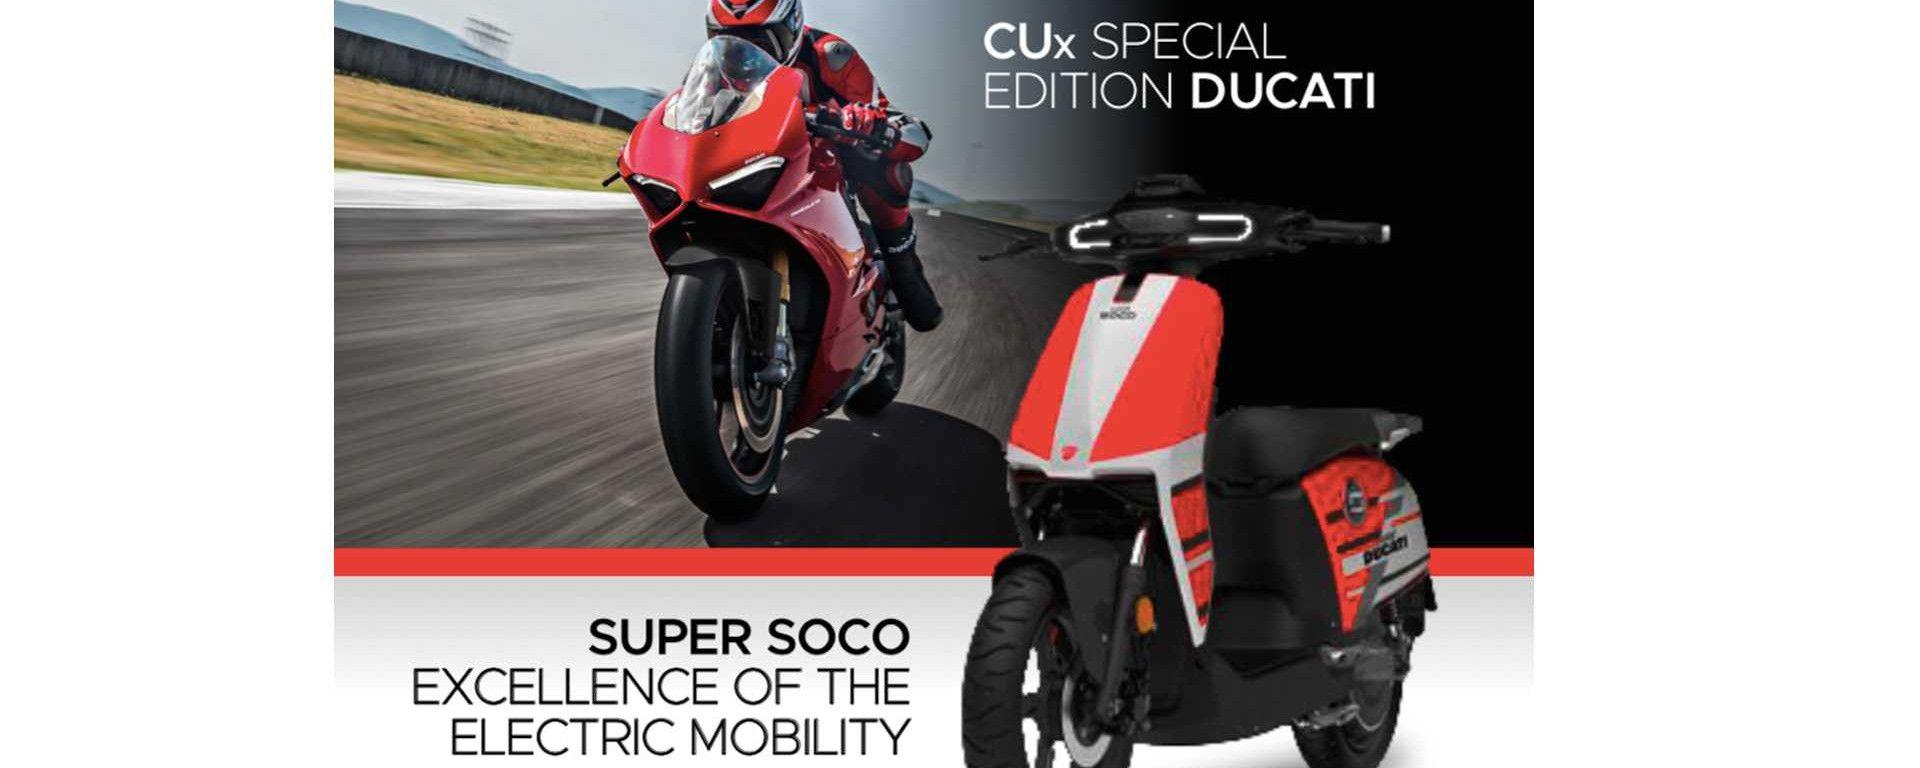 SuperSoco CUx: lo scooter elettrico marchiato Ducati